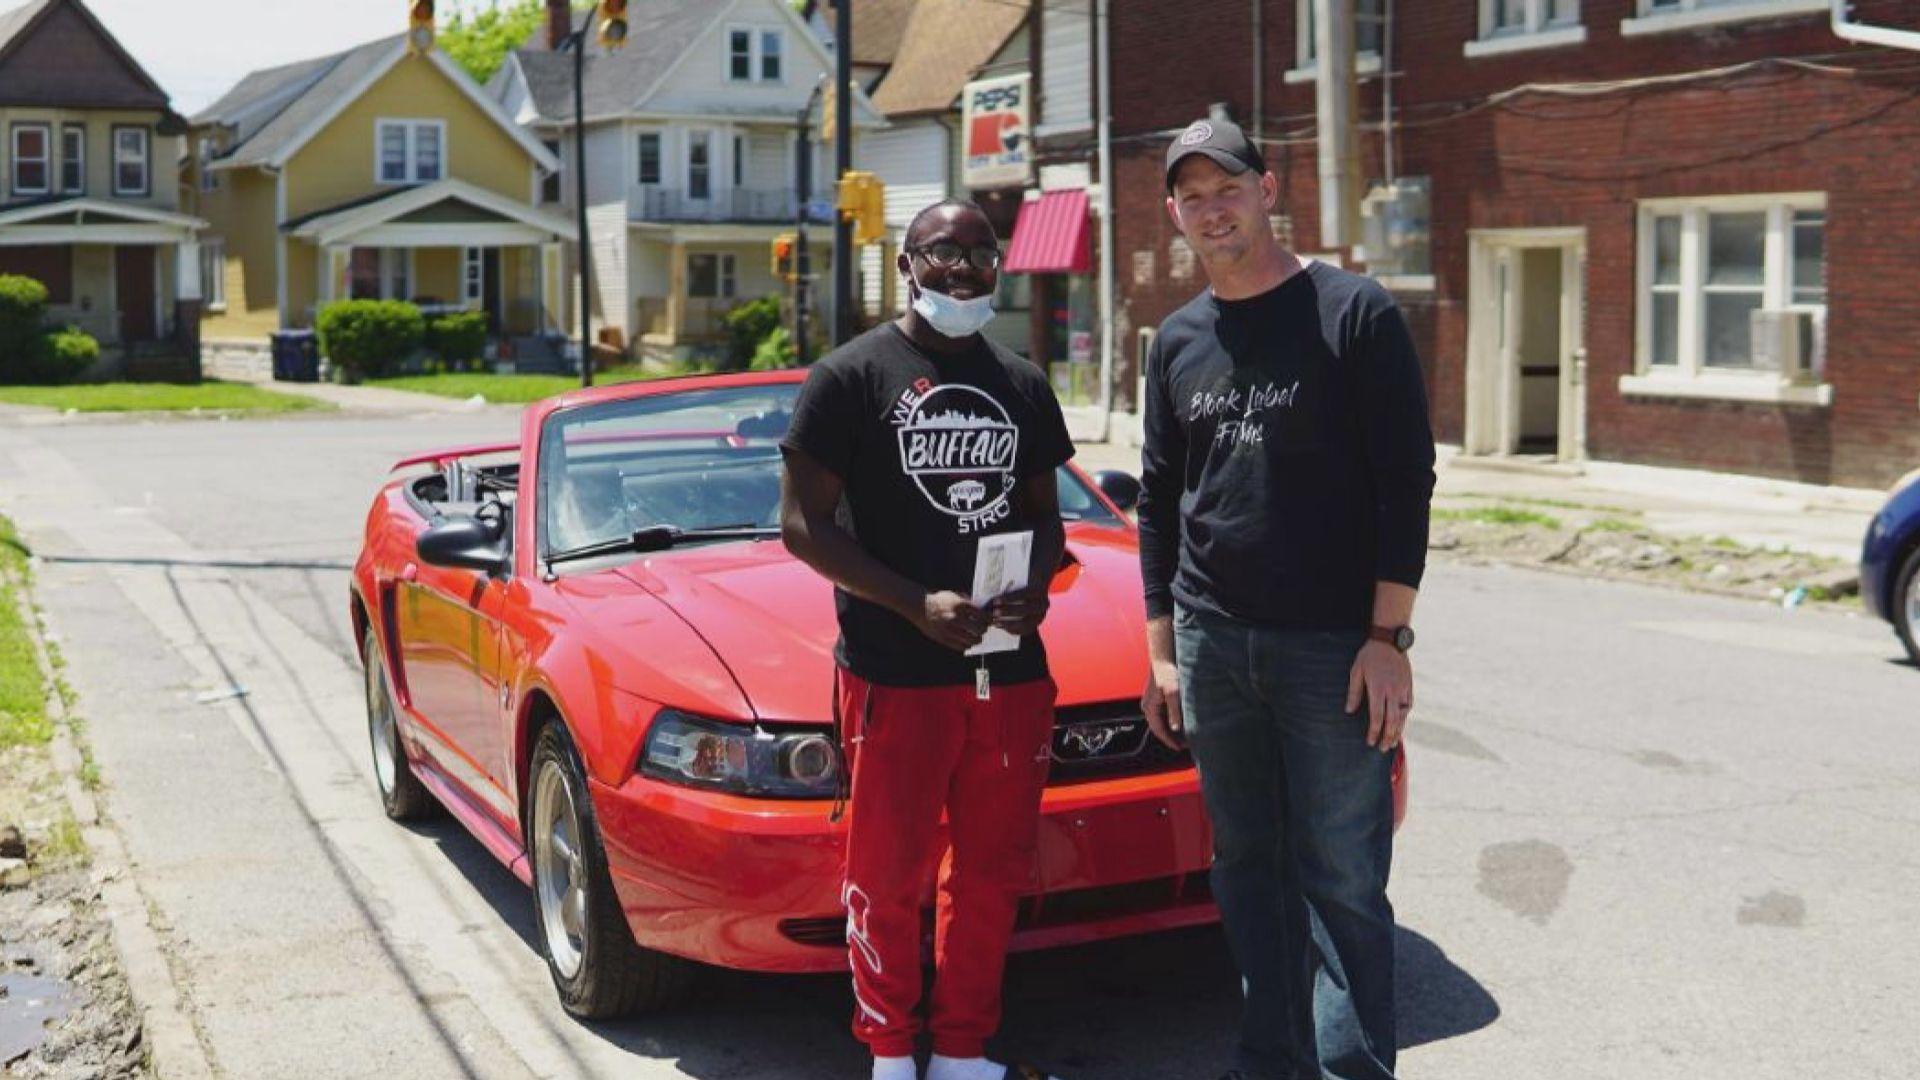 【環球薈報】美國非裔男生主動清潔示威後垃圾 獲贈跑車